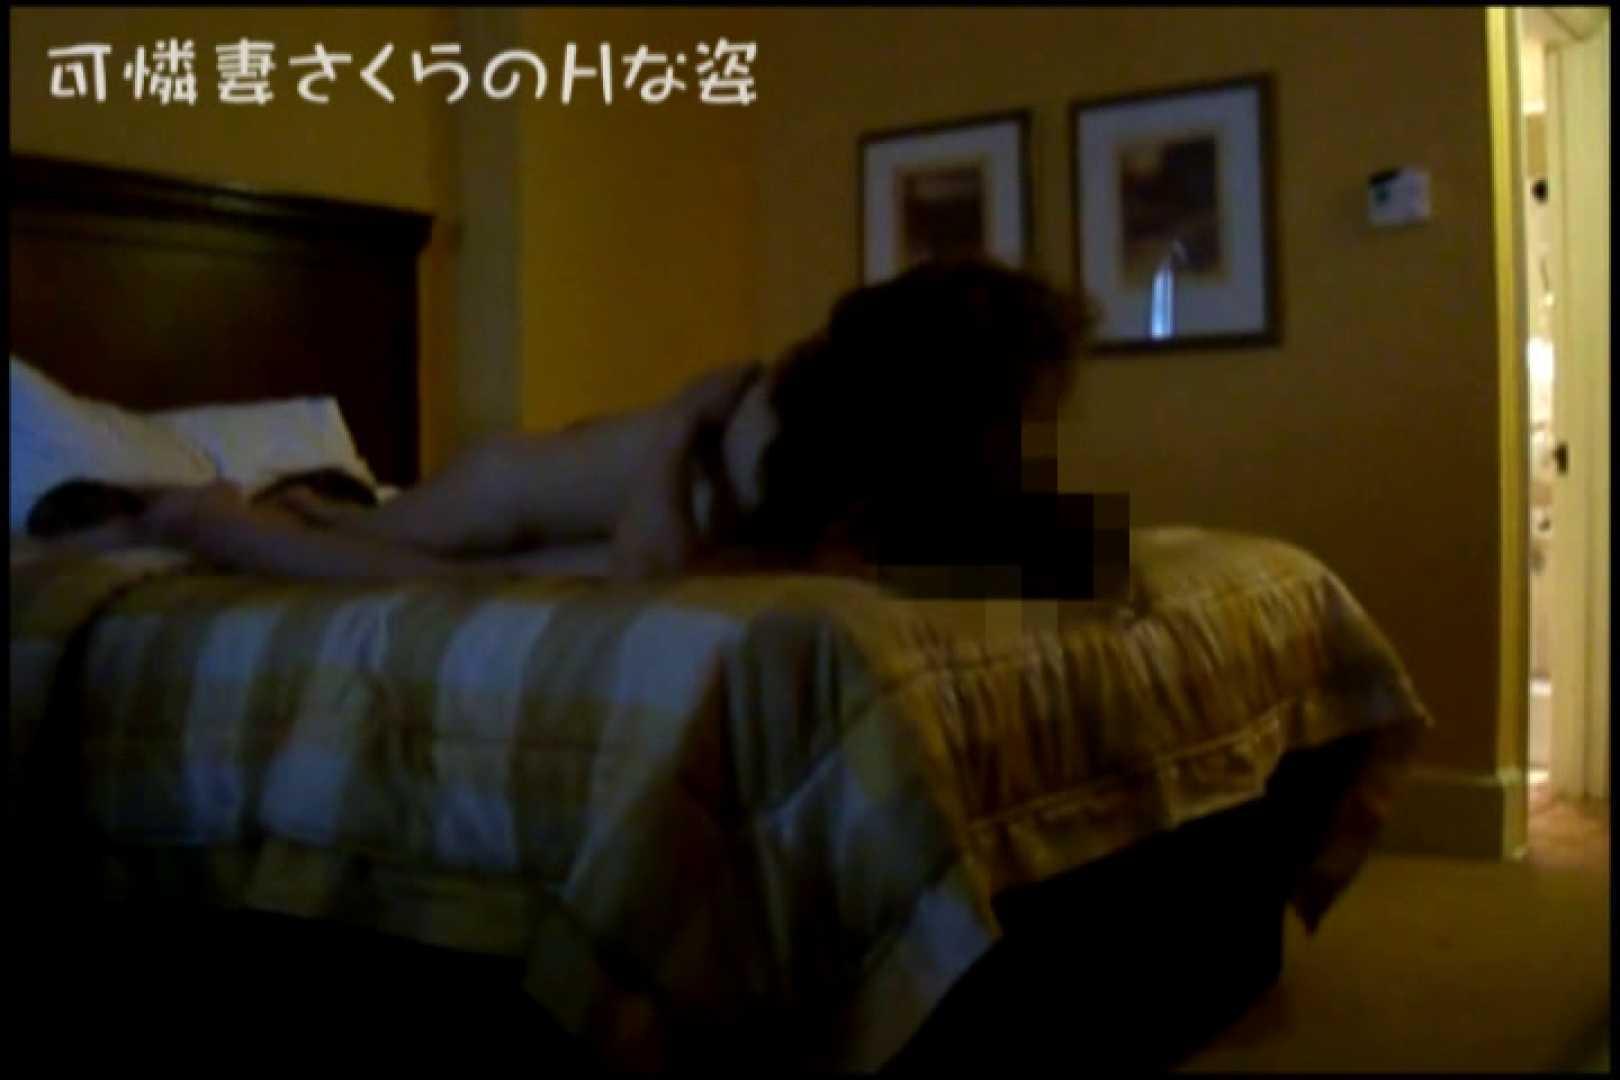 可憐妻さくらのHな姿vol.9後編 熟女の裸体 | OL裸体  106画像 8